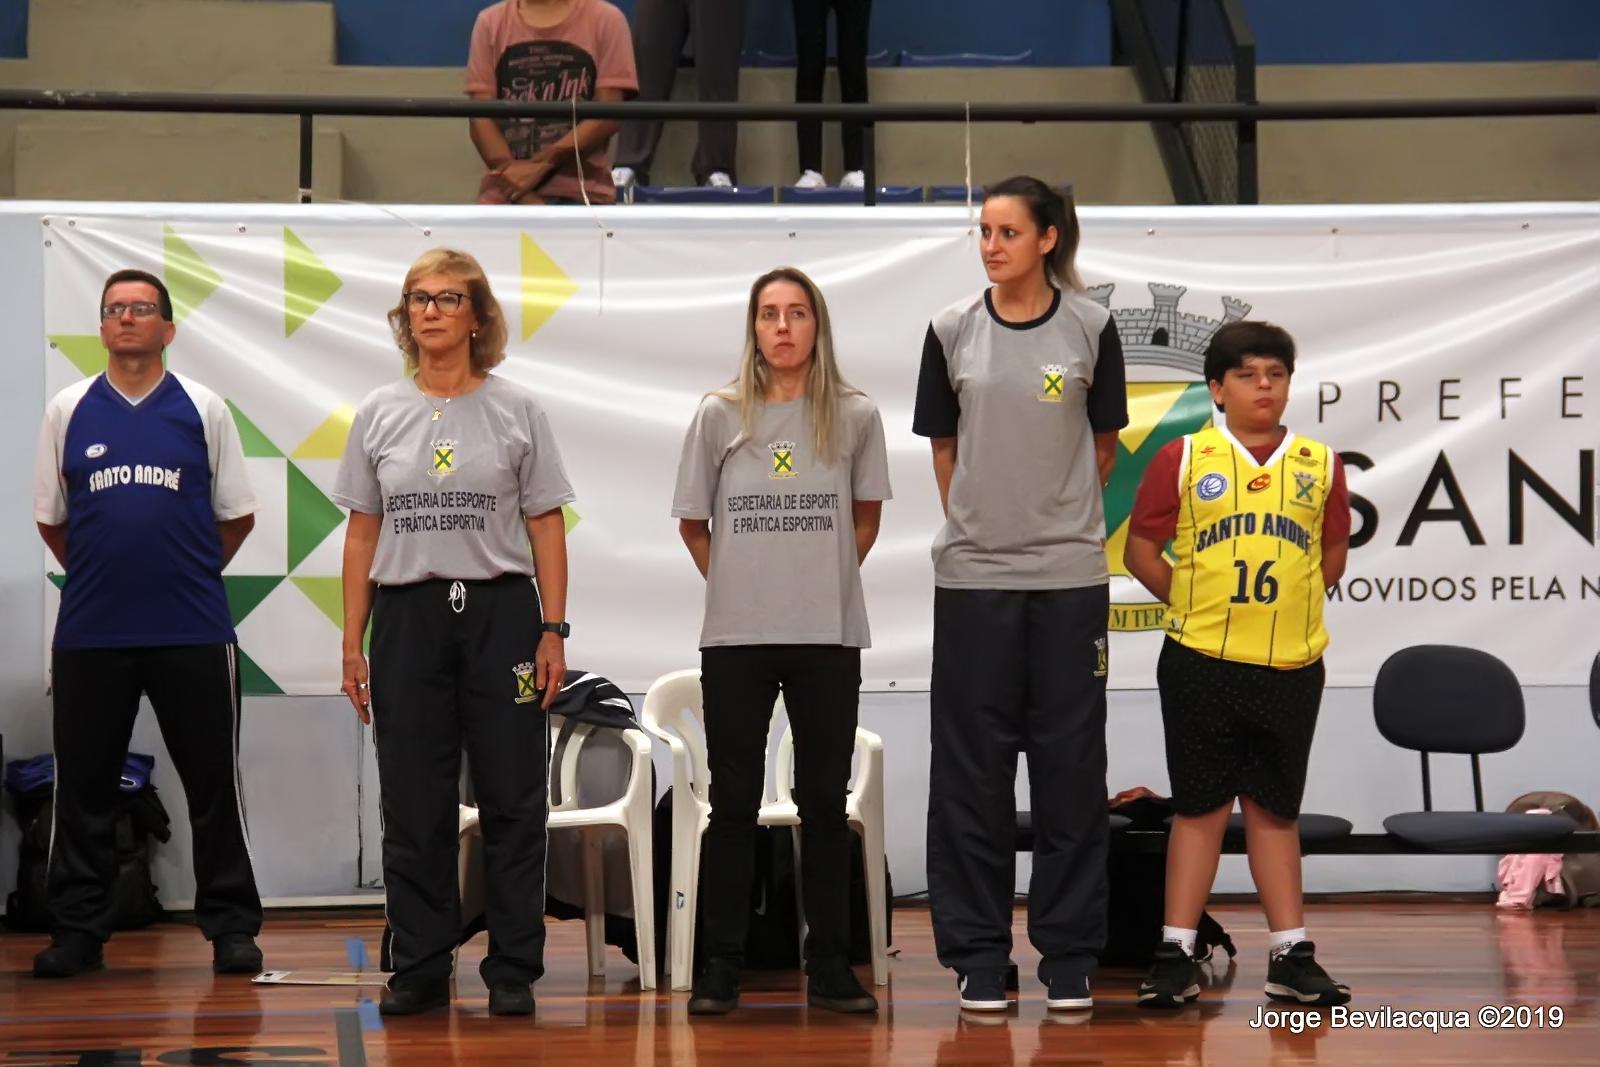 Foto: Jorge Bevilacqua/Divulgação